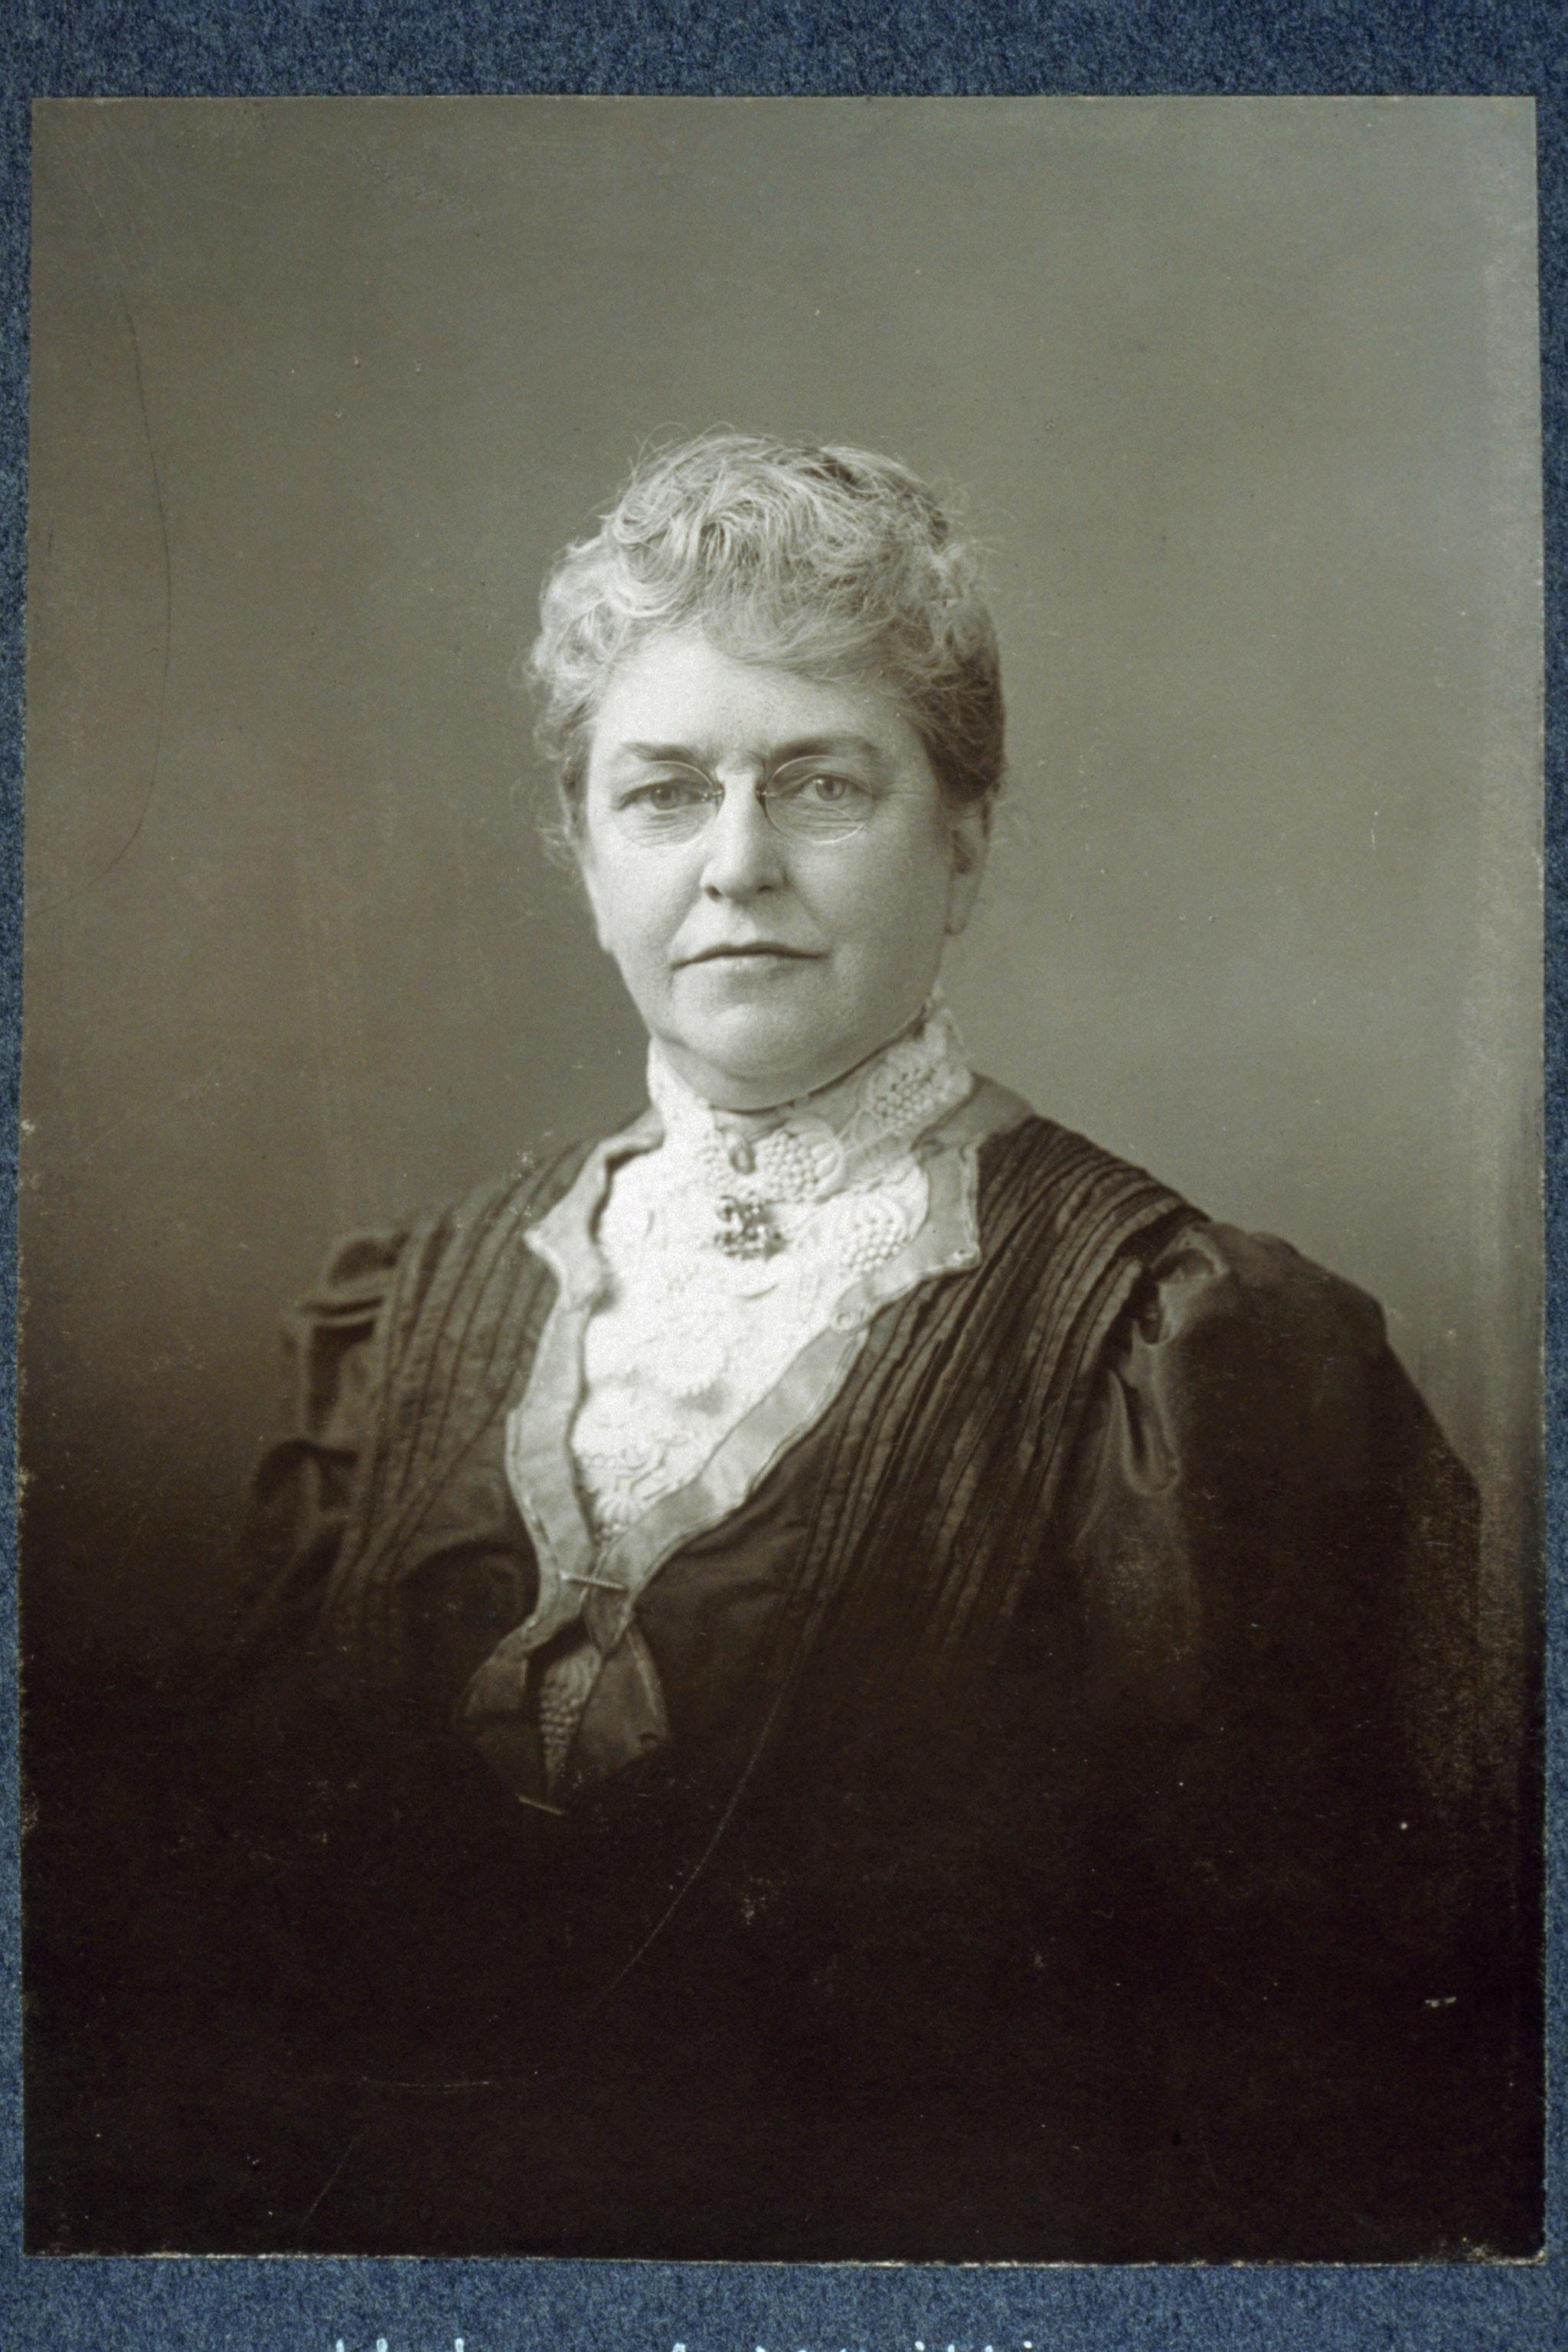 Portrait of Helen Augusta Whittier